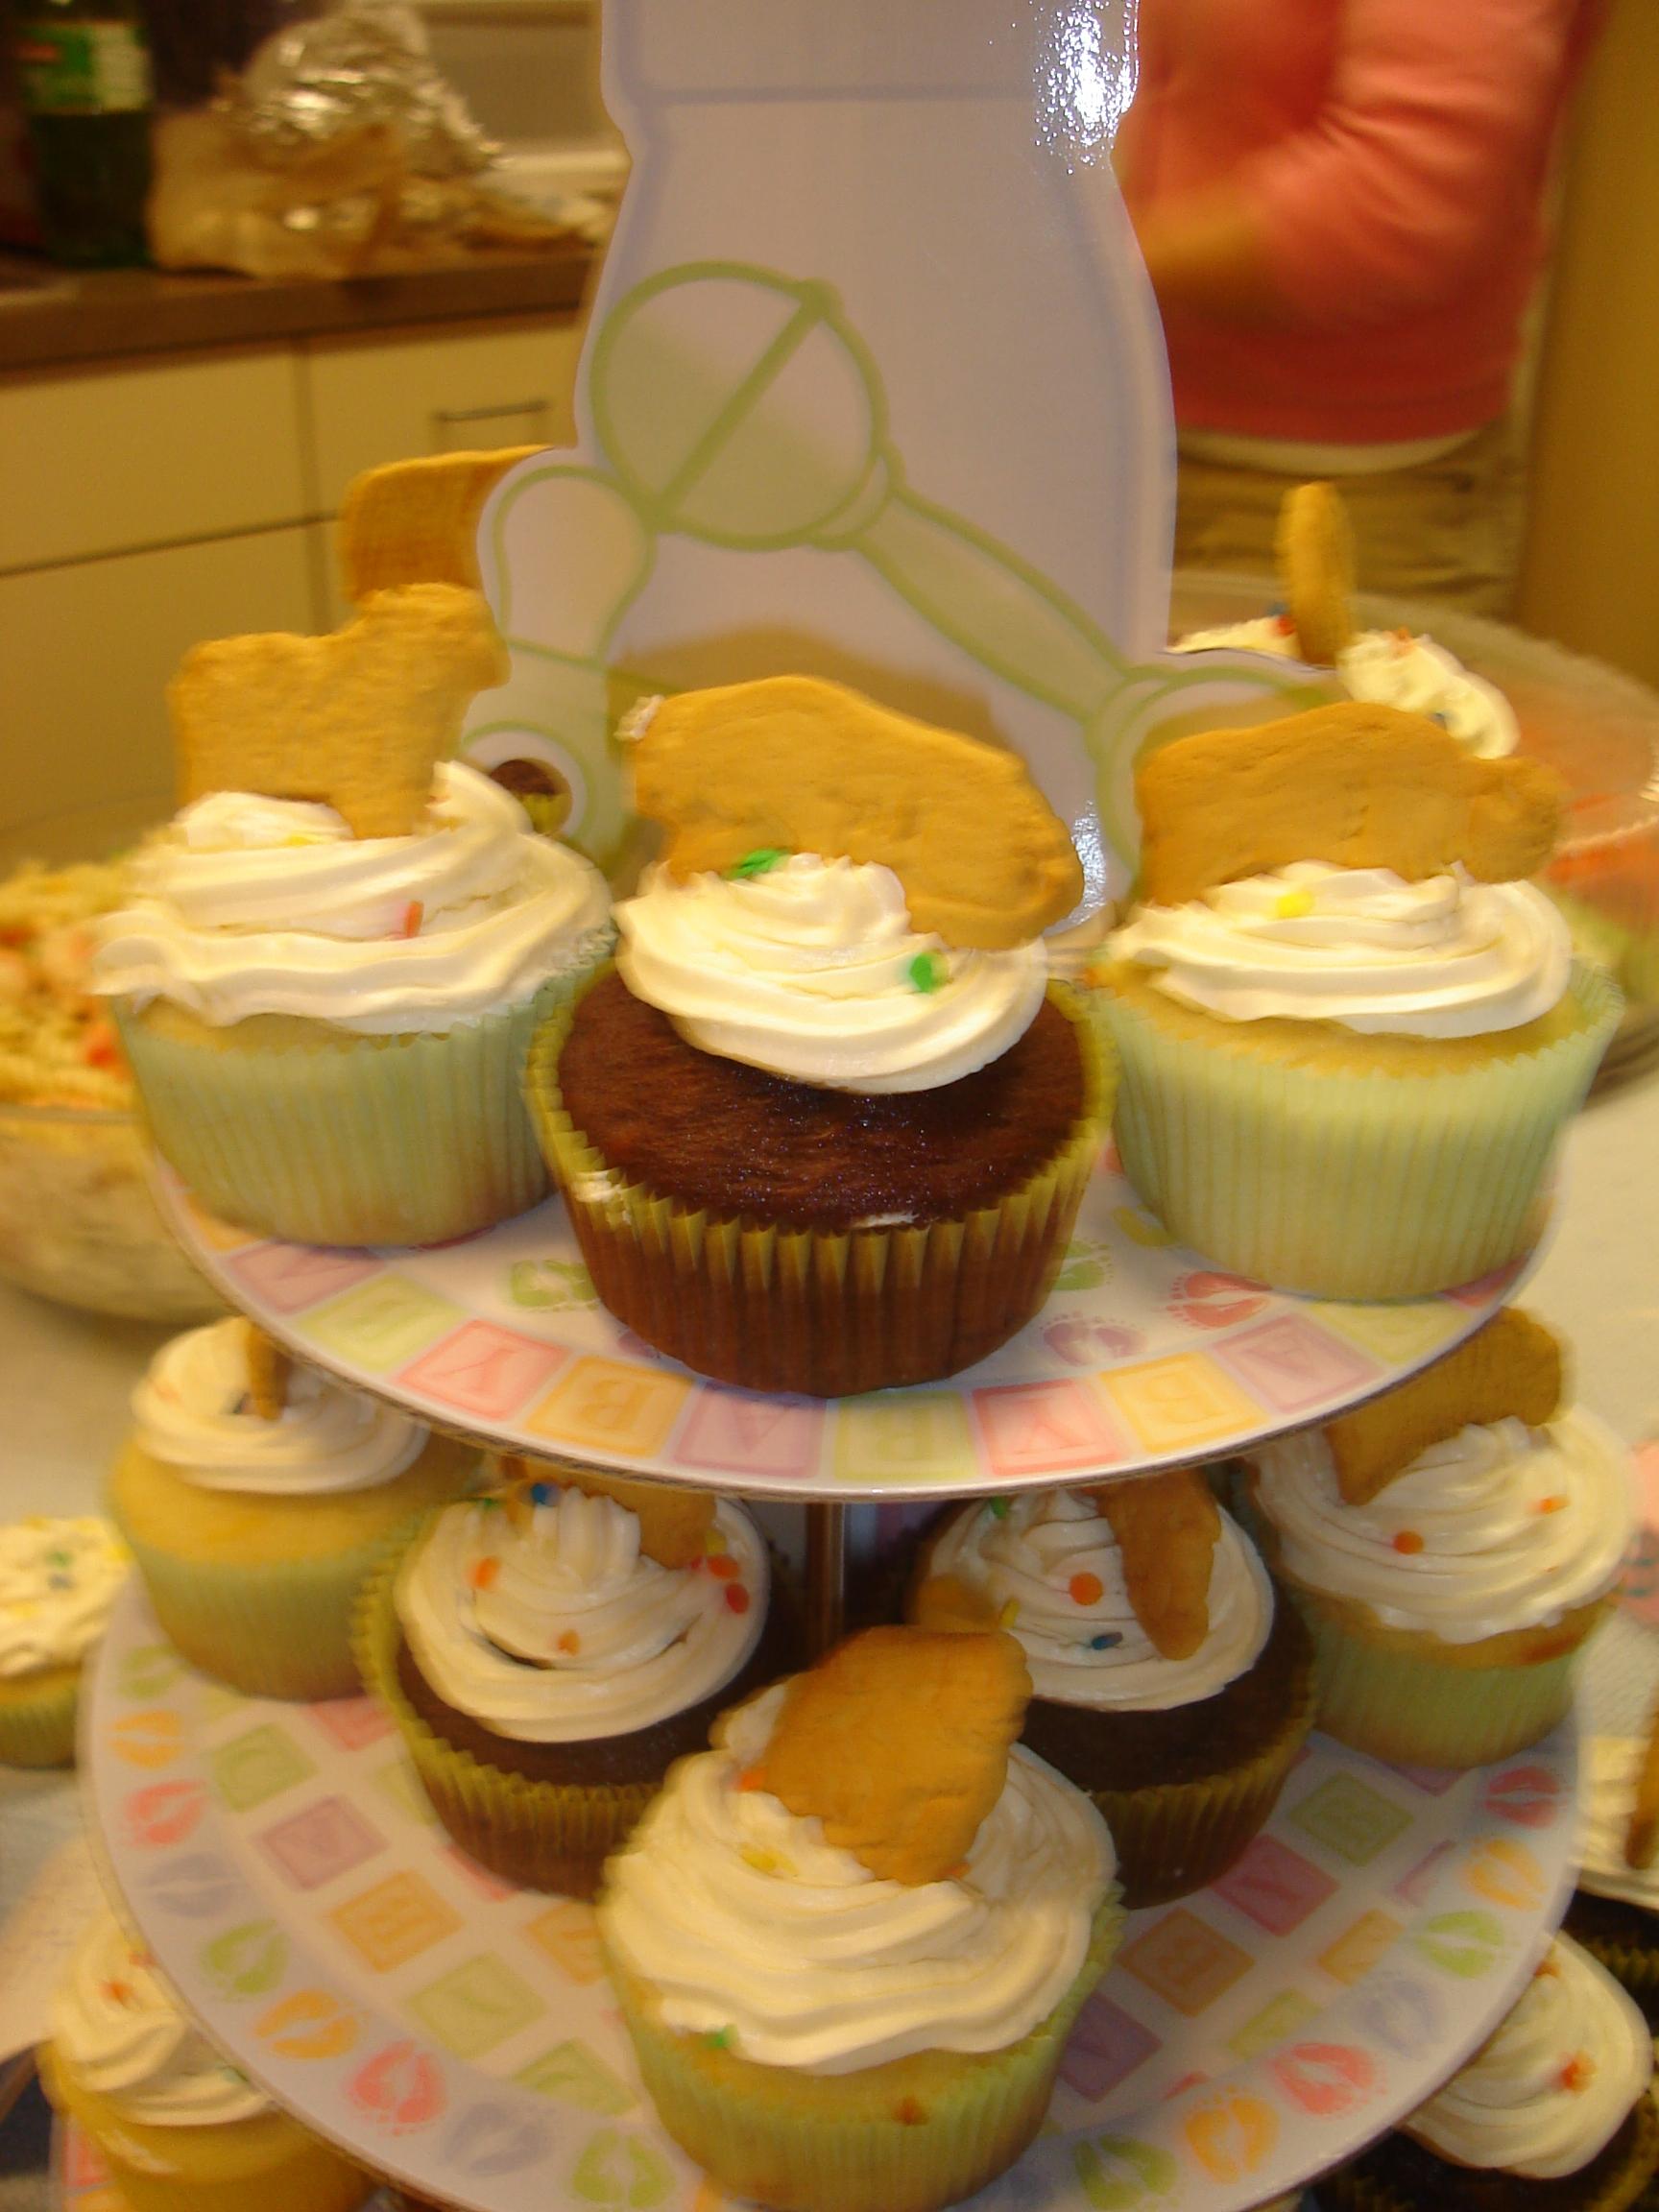 Buttermilk Citrus Cupcakes